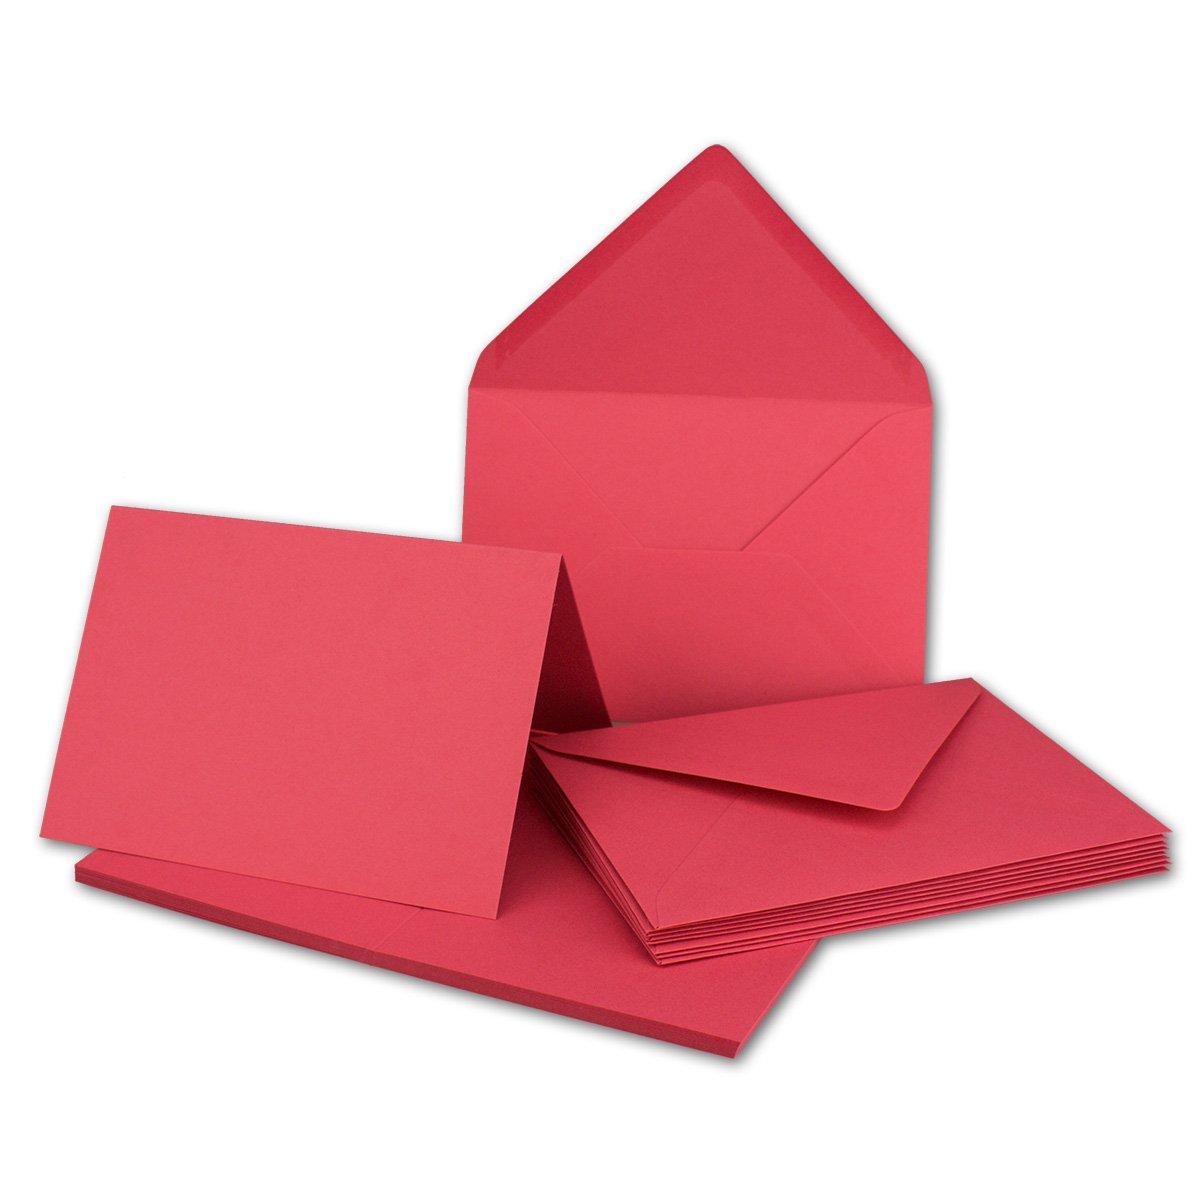 Faltkarten Set mit Brief-Umschlägen DIN A6   C6 in Rosanrot   100 Sets   14,8 x 10,5 cm   Premium Qualität   Serie FarbenFroh® B079Z88W6C | Merkwürdige Form